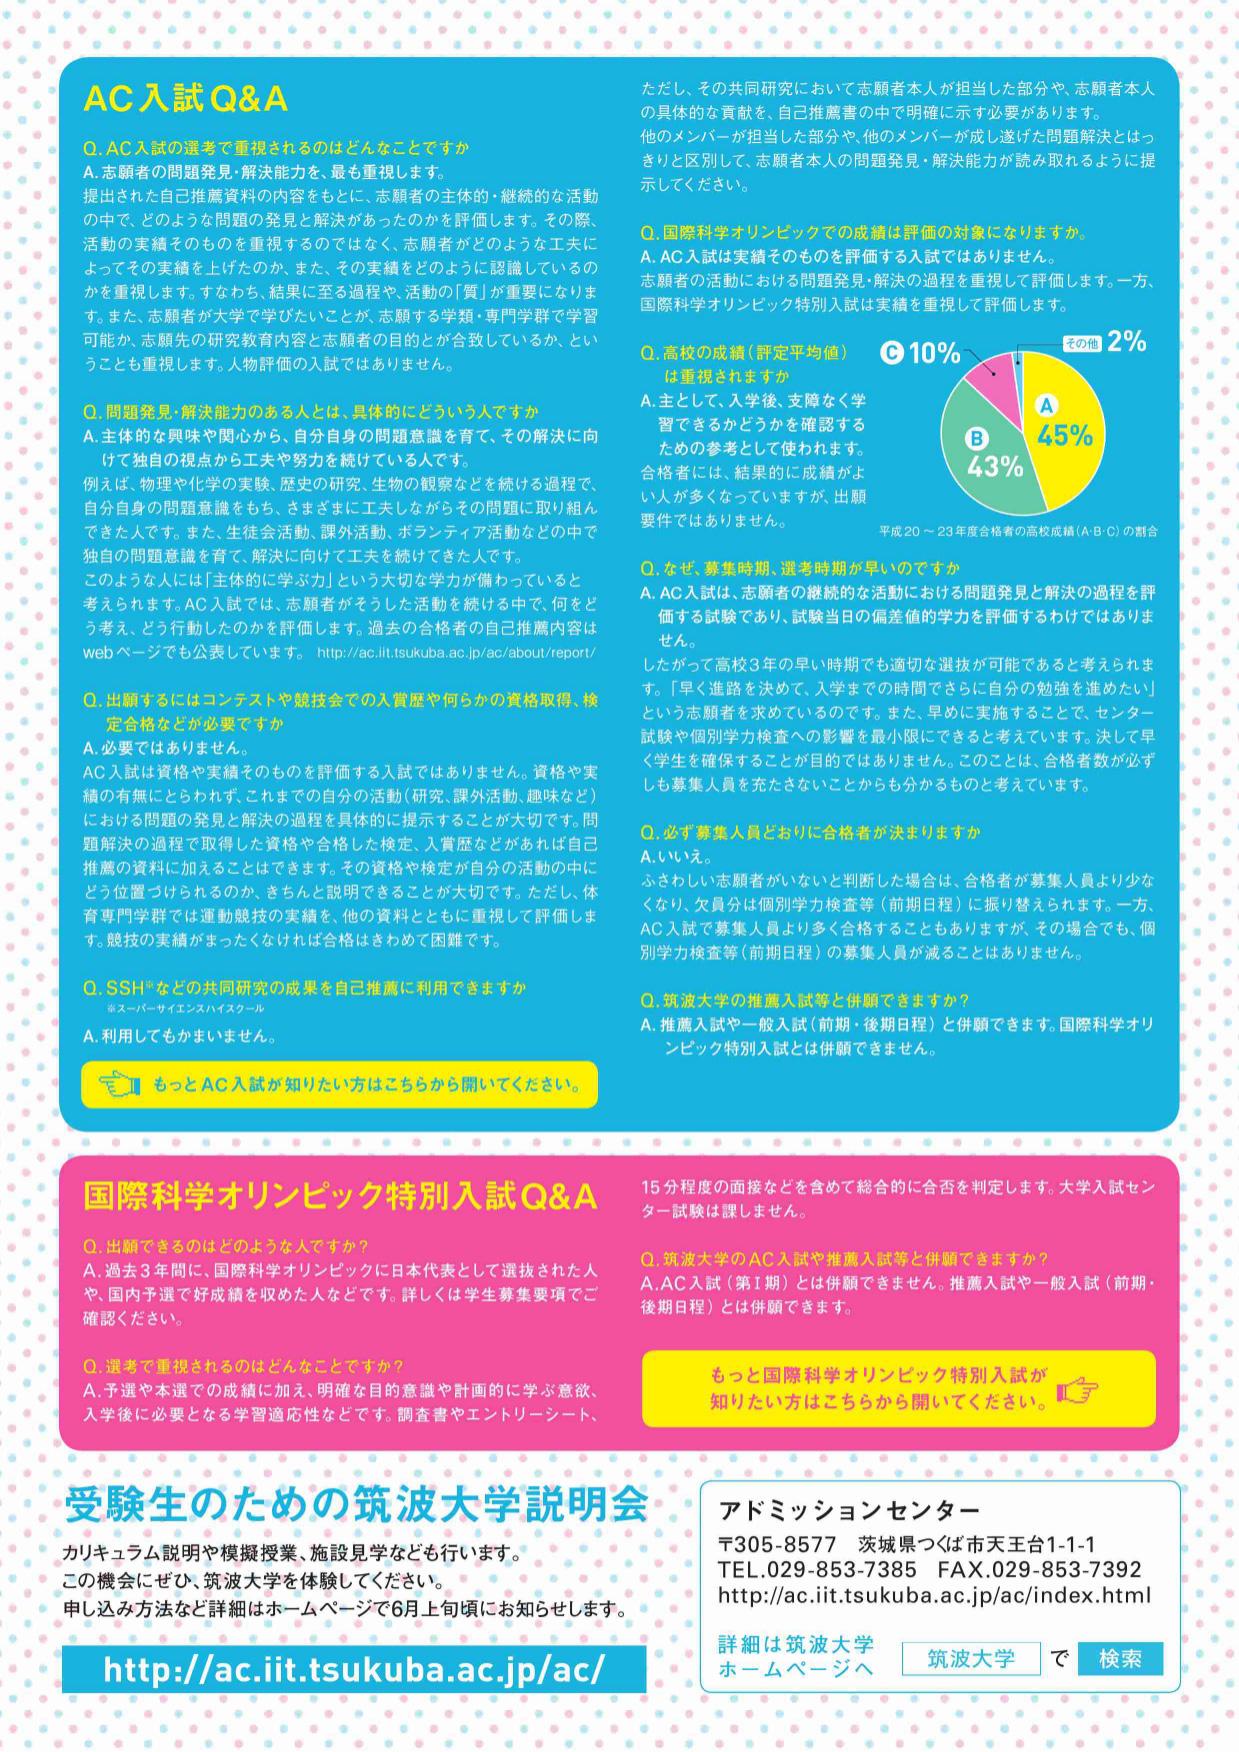 AC入試リーフレット 平成26年度版5